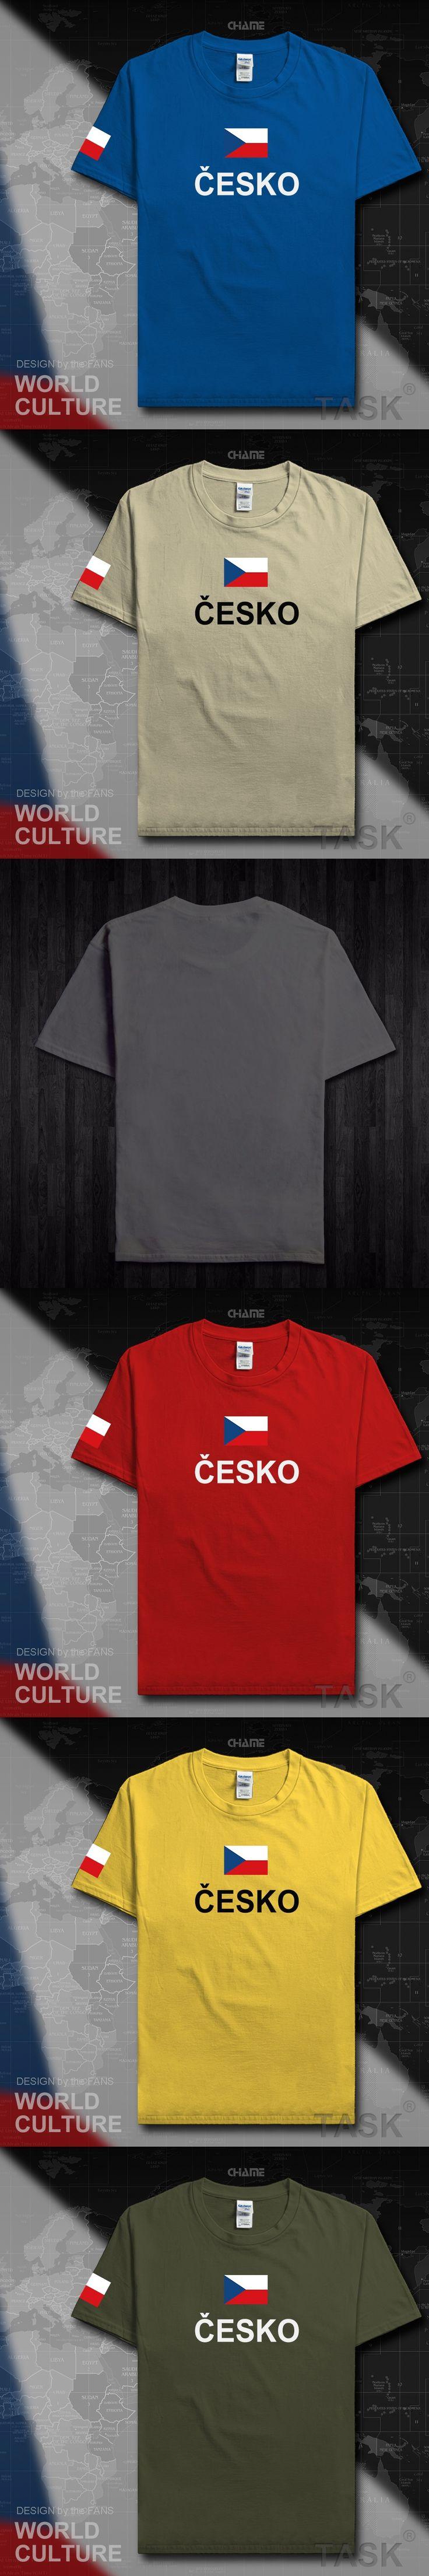 Czech Republic Czechia men t shirt fashion 2017 jersey team nation 100% cotton t-shirt sporting clothing tees country flag CZE